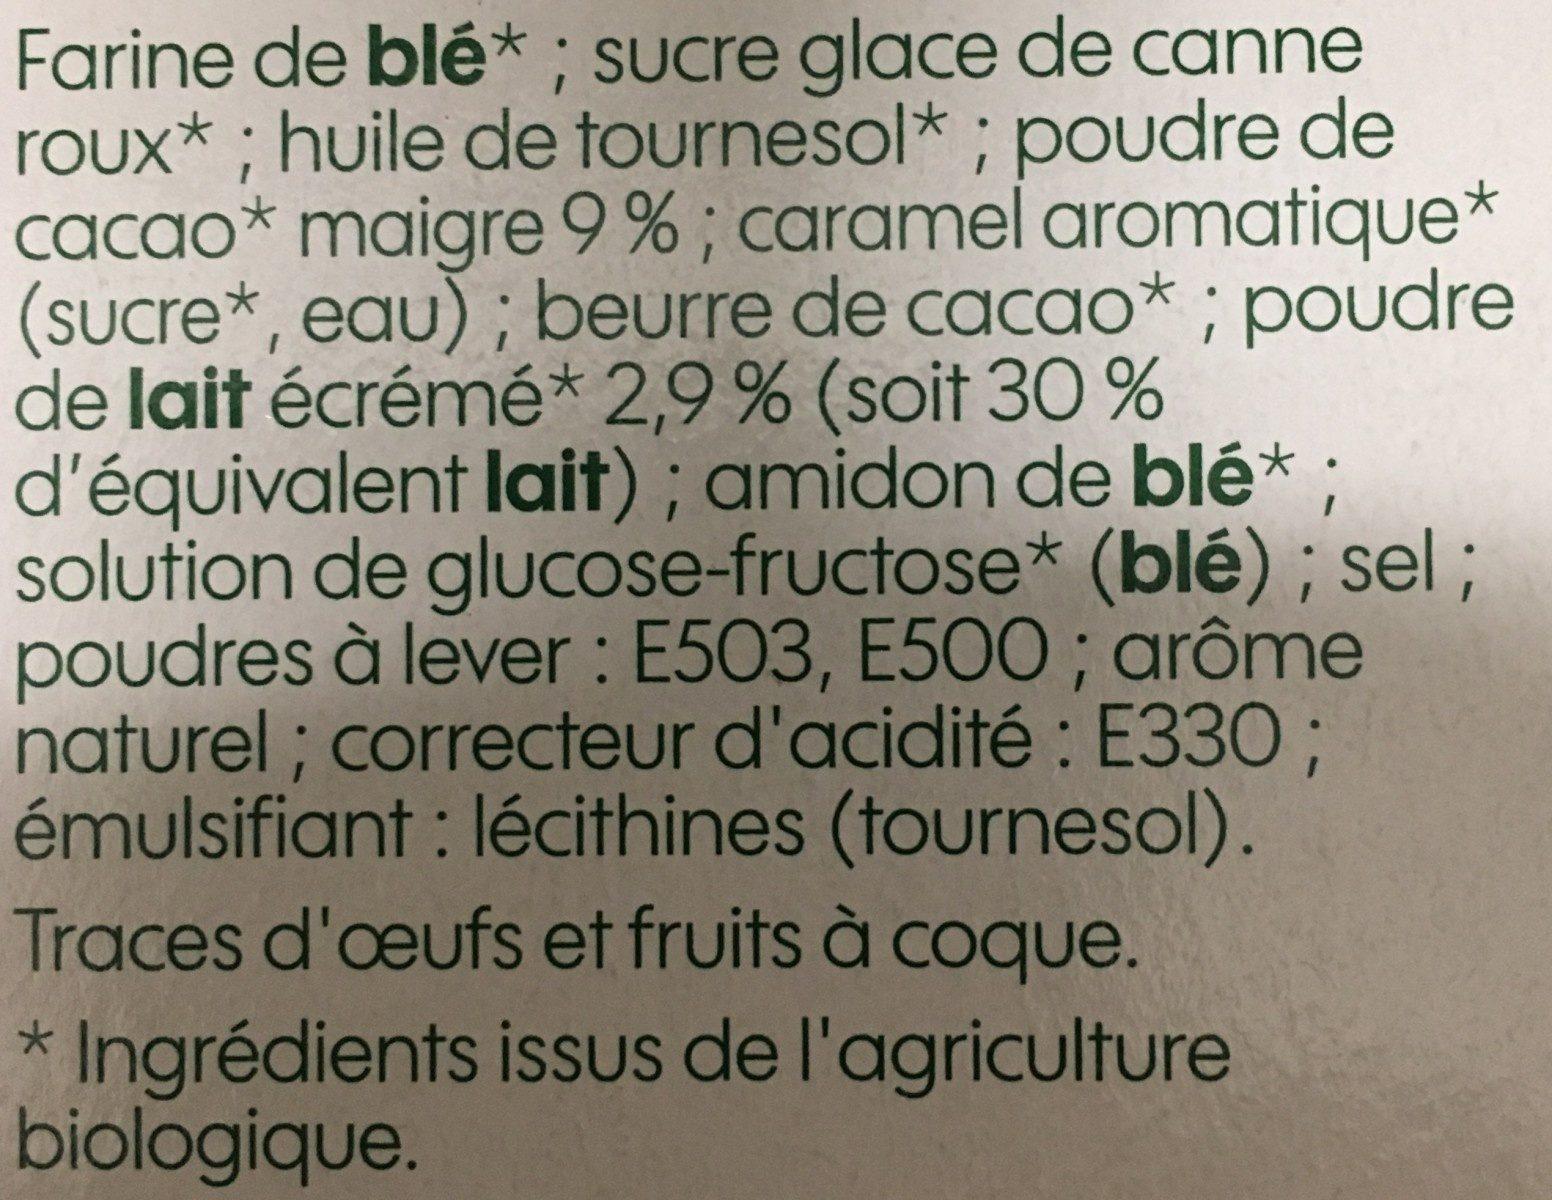 Biscuits cacaotés bio fourrés parfum vanille - Ingredients - fr